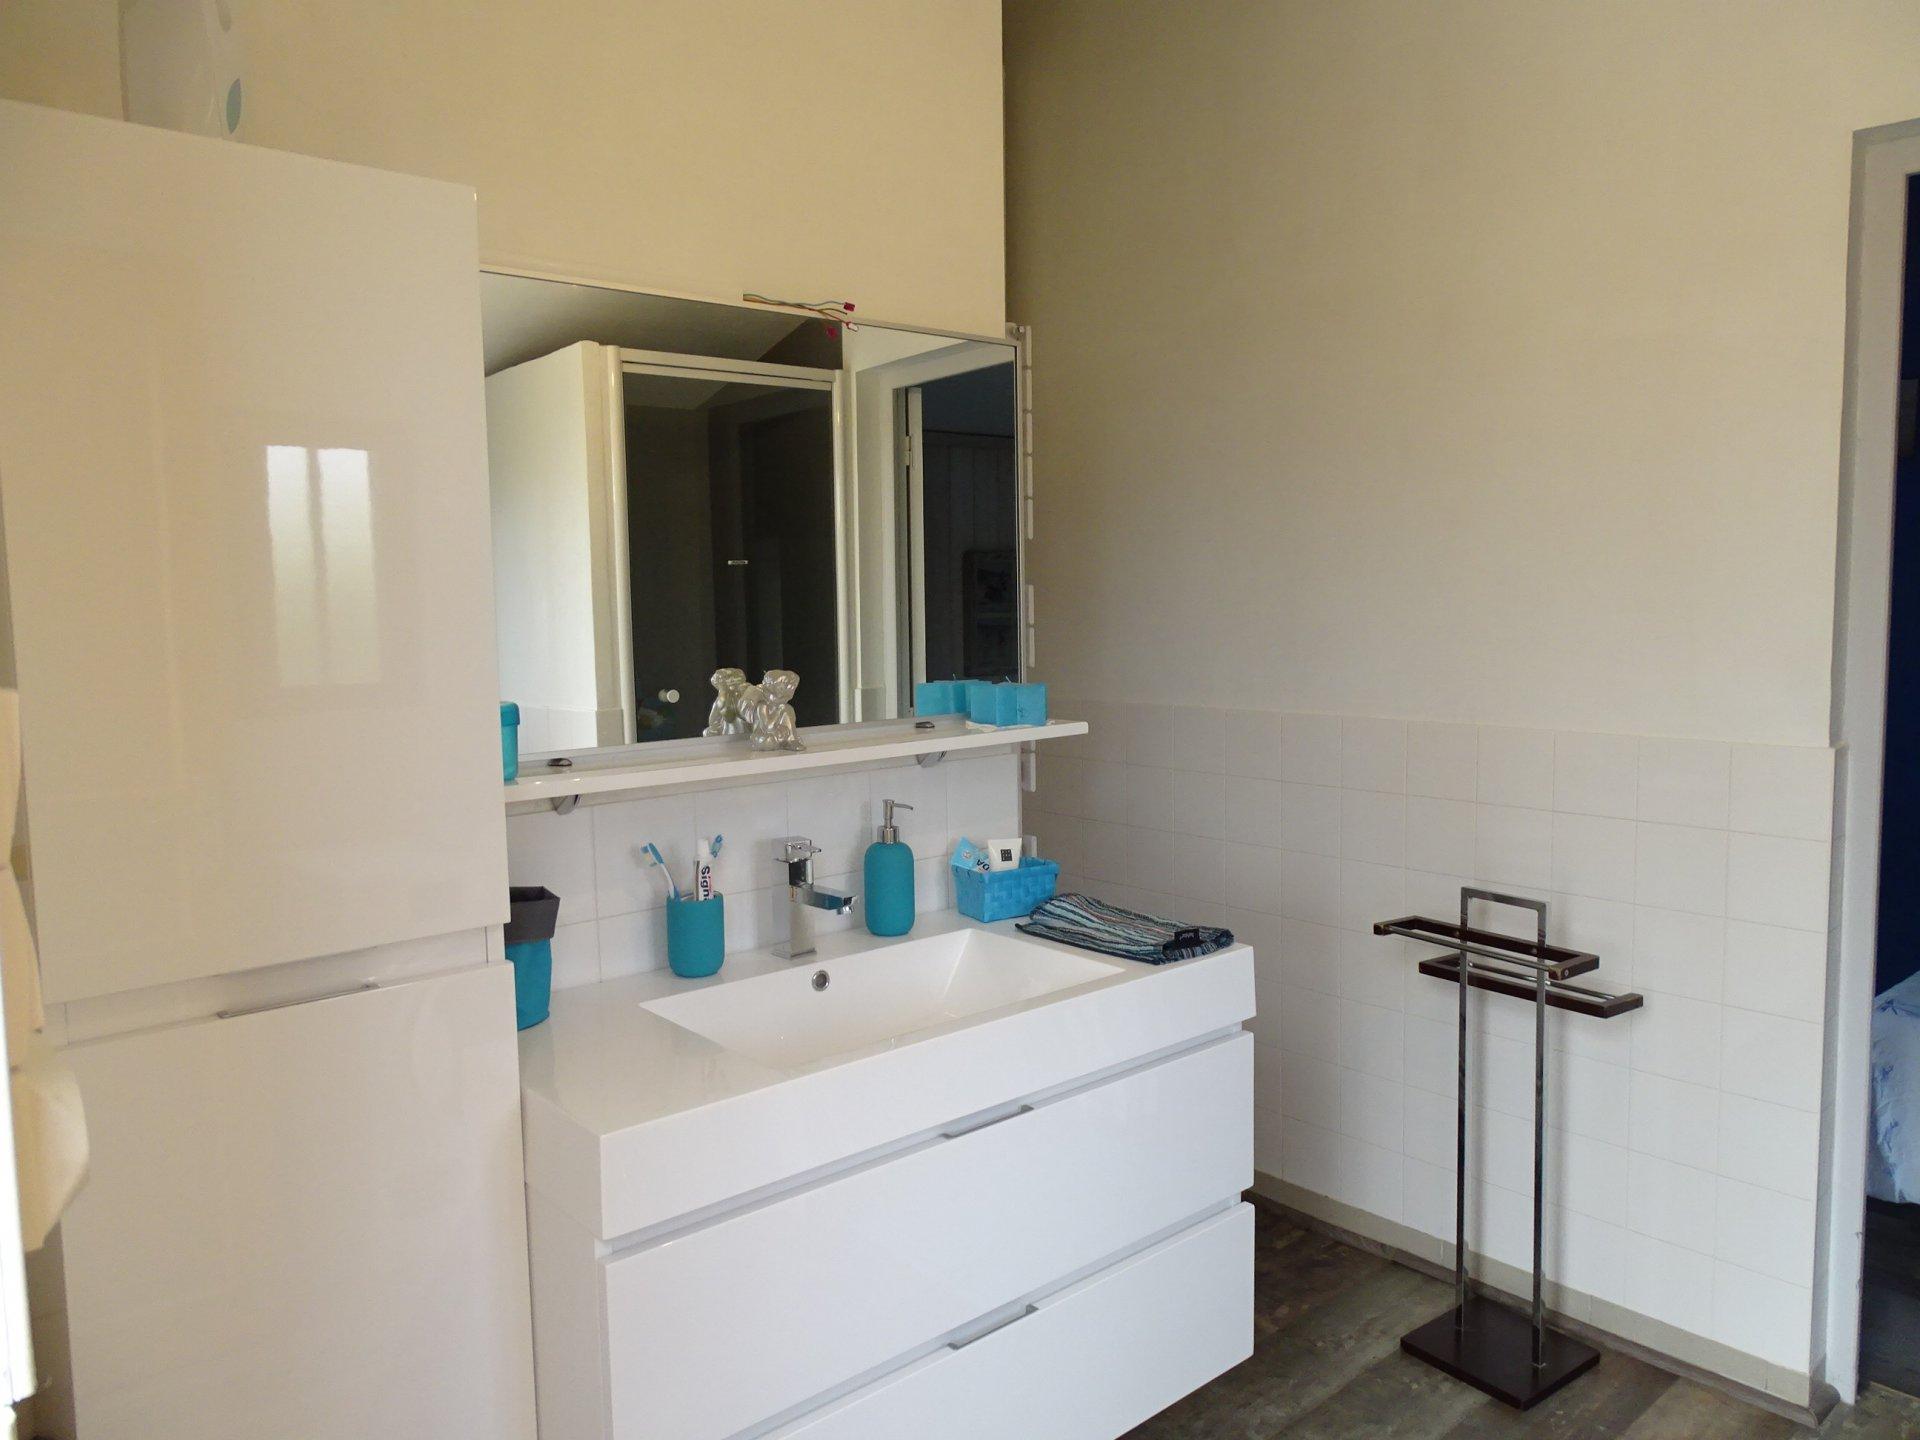 Proche de la gare Loché et à proximité de tous les commerces et commodités, venez découvrir cette belle villa de plain pied en très bon état offrant une surface habitable de 110 m² environ. Cette maison se compose d'une vaste pièce de vie avec cheminée à insert, d'une cuisine meublée et équipée, d'une véranda avec climatisation réversible, de deux chambres, d'une salle de bains, d'une salle d'eau, de deux toilettes, d'une chaufferie, et d'une cave. Un garage double complète ce bien permettant de créer une chambre supplémentaire. Cette maison aux nombreux atouts et très bien entretenue est implantée sur un terrain clos et arboré de 1000 m². A visiter sans tarder. Honoraires à la charge du vendeur